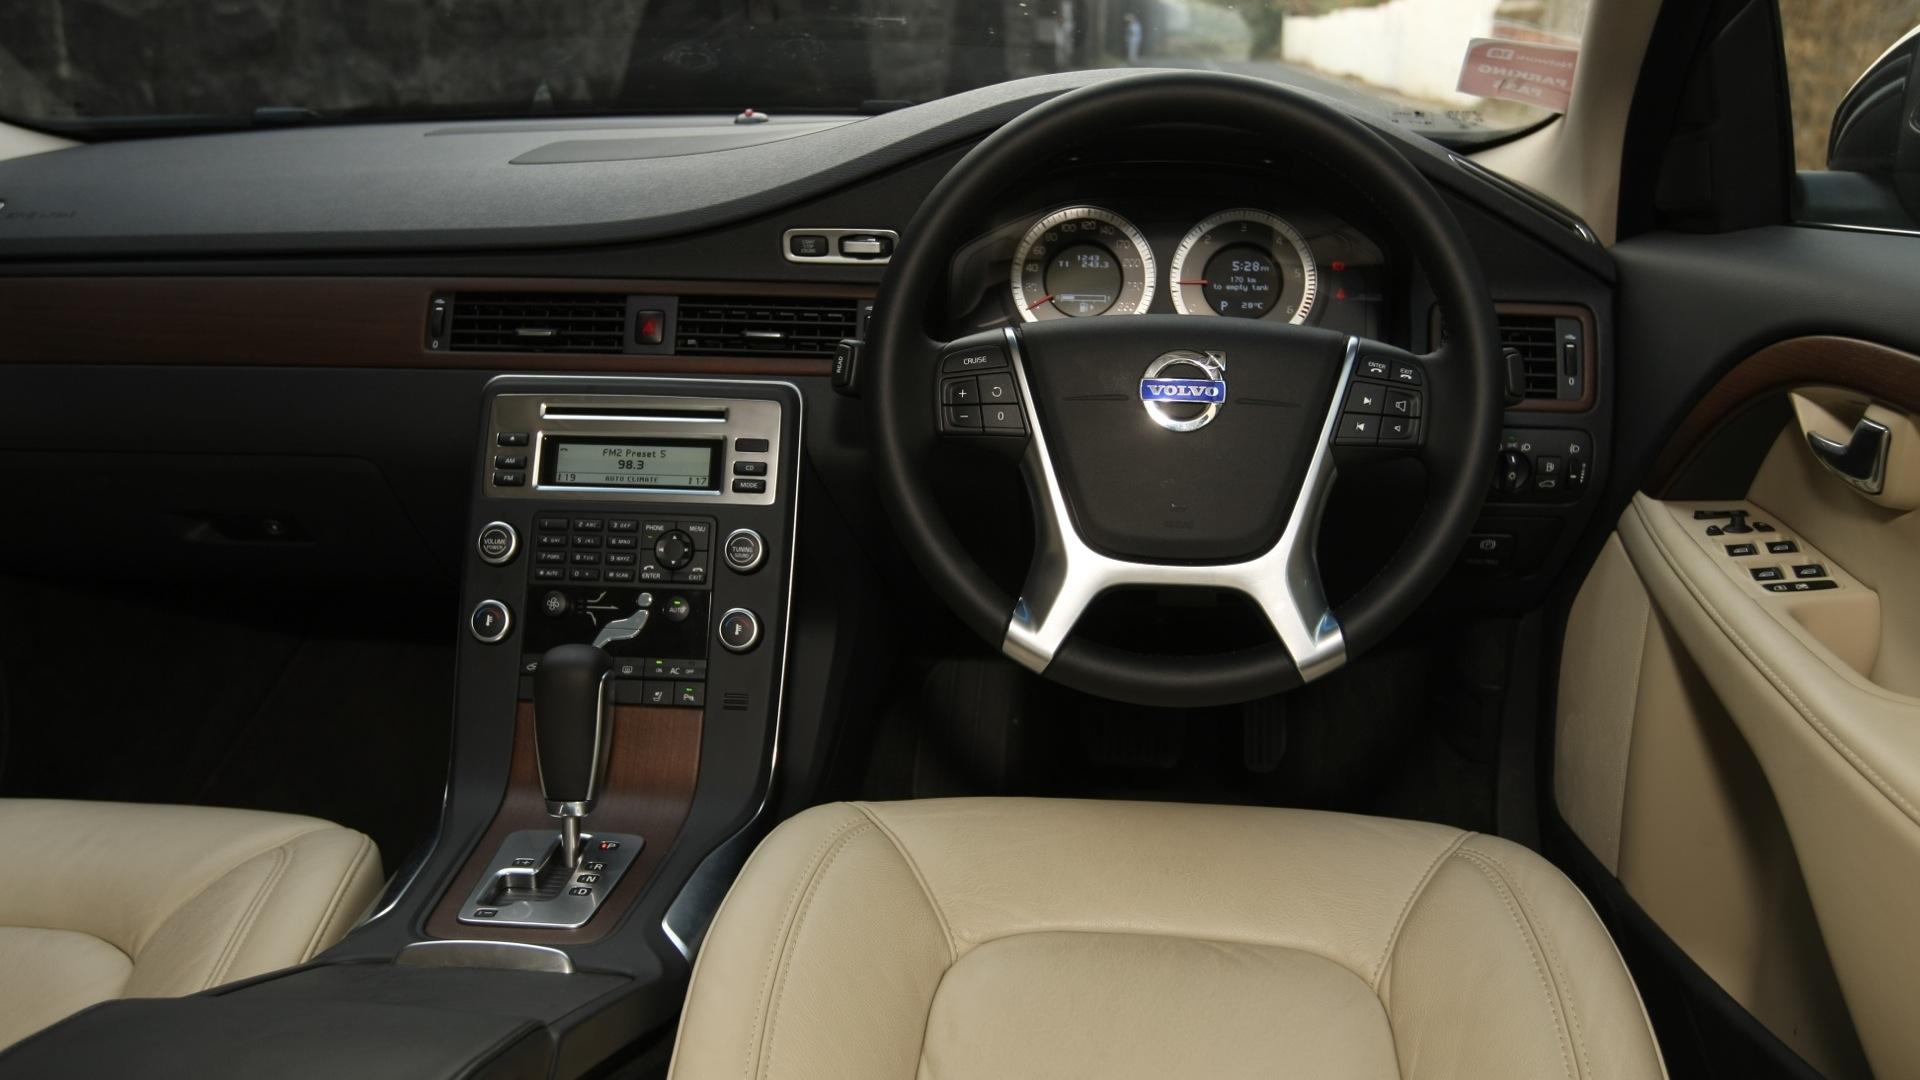 Volvo-S80-2013-2-4L-D5-Interior